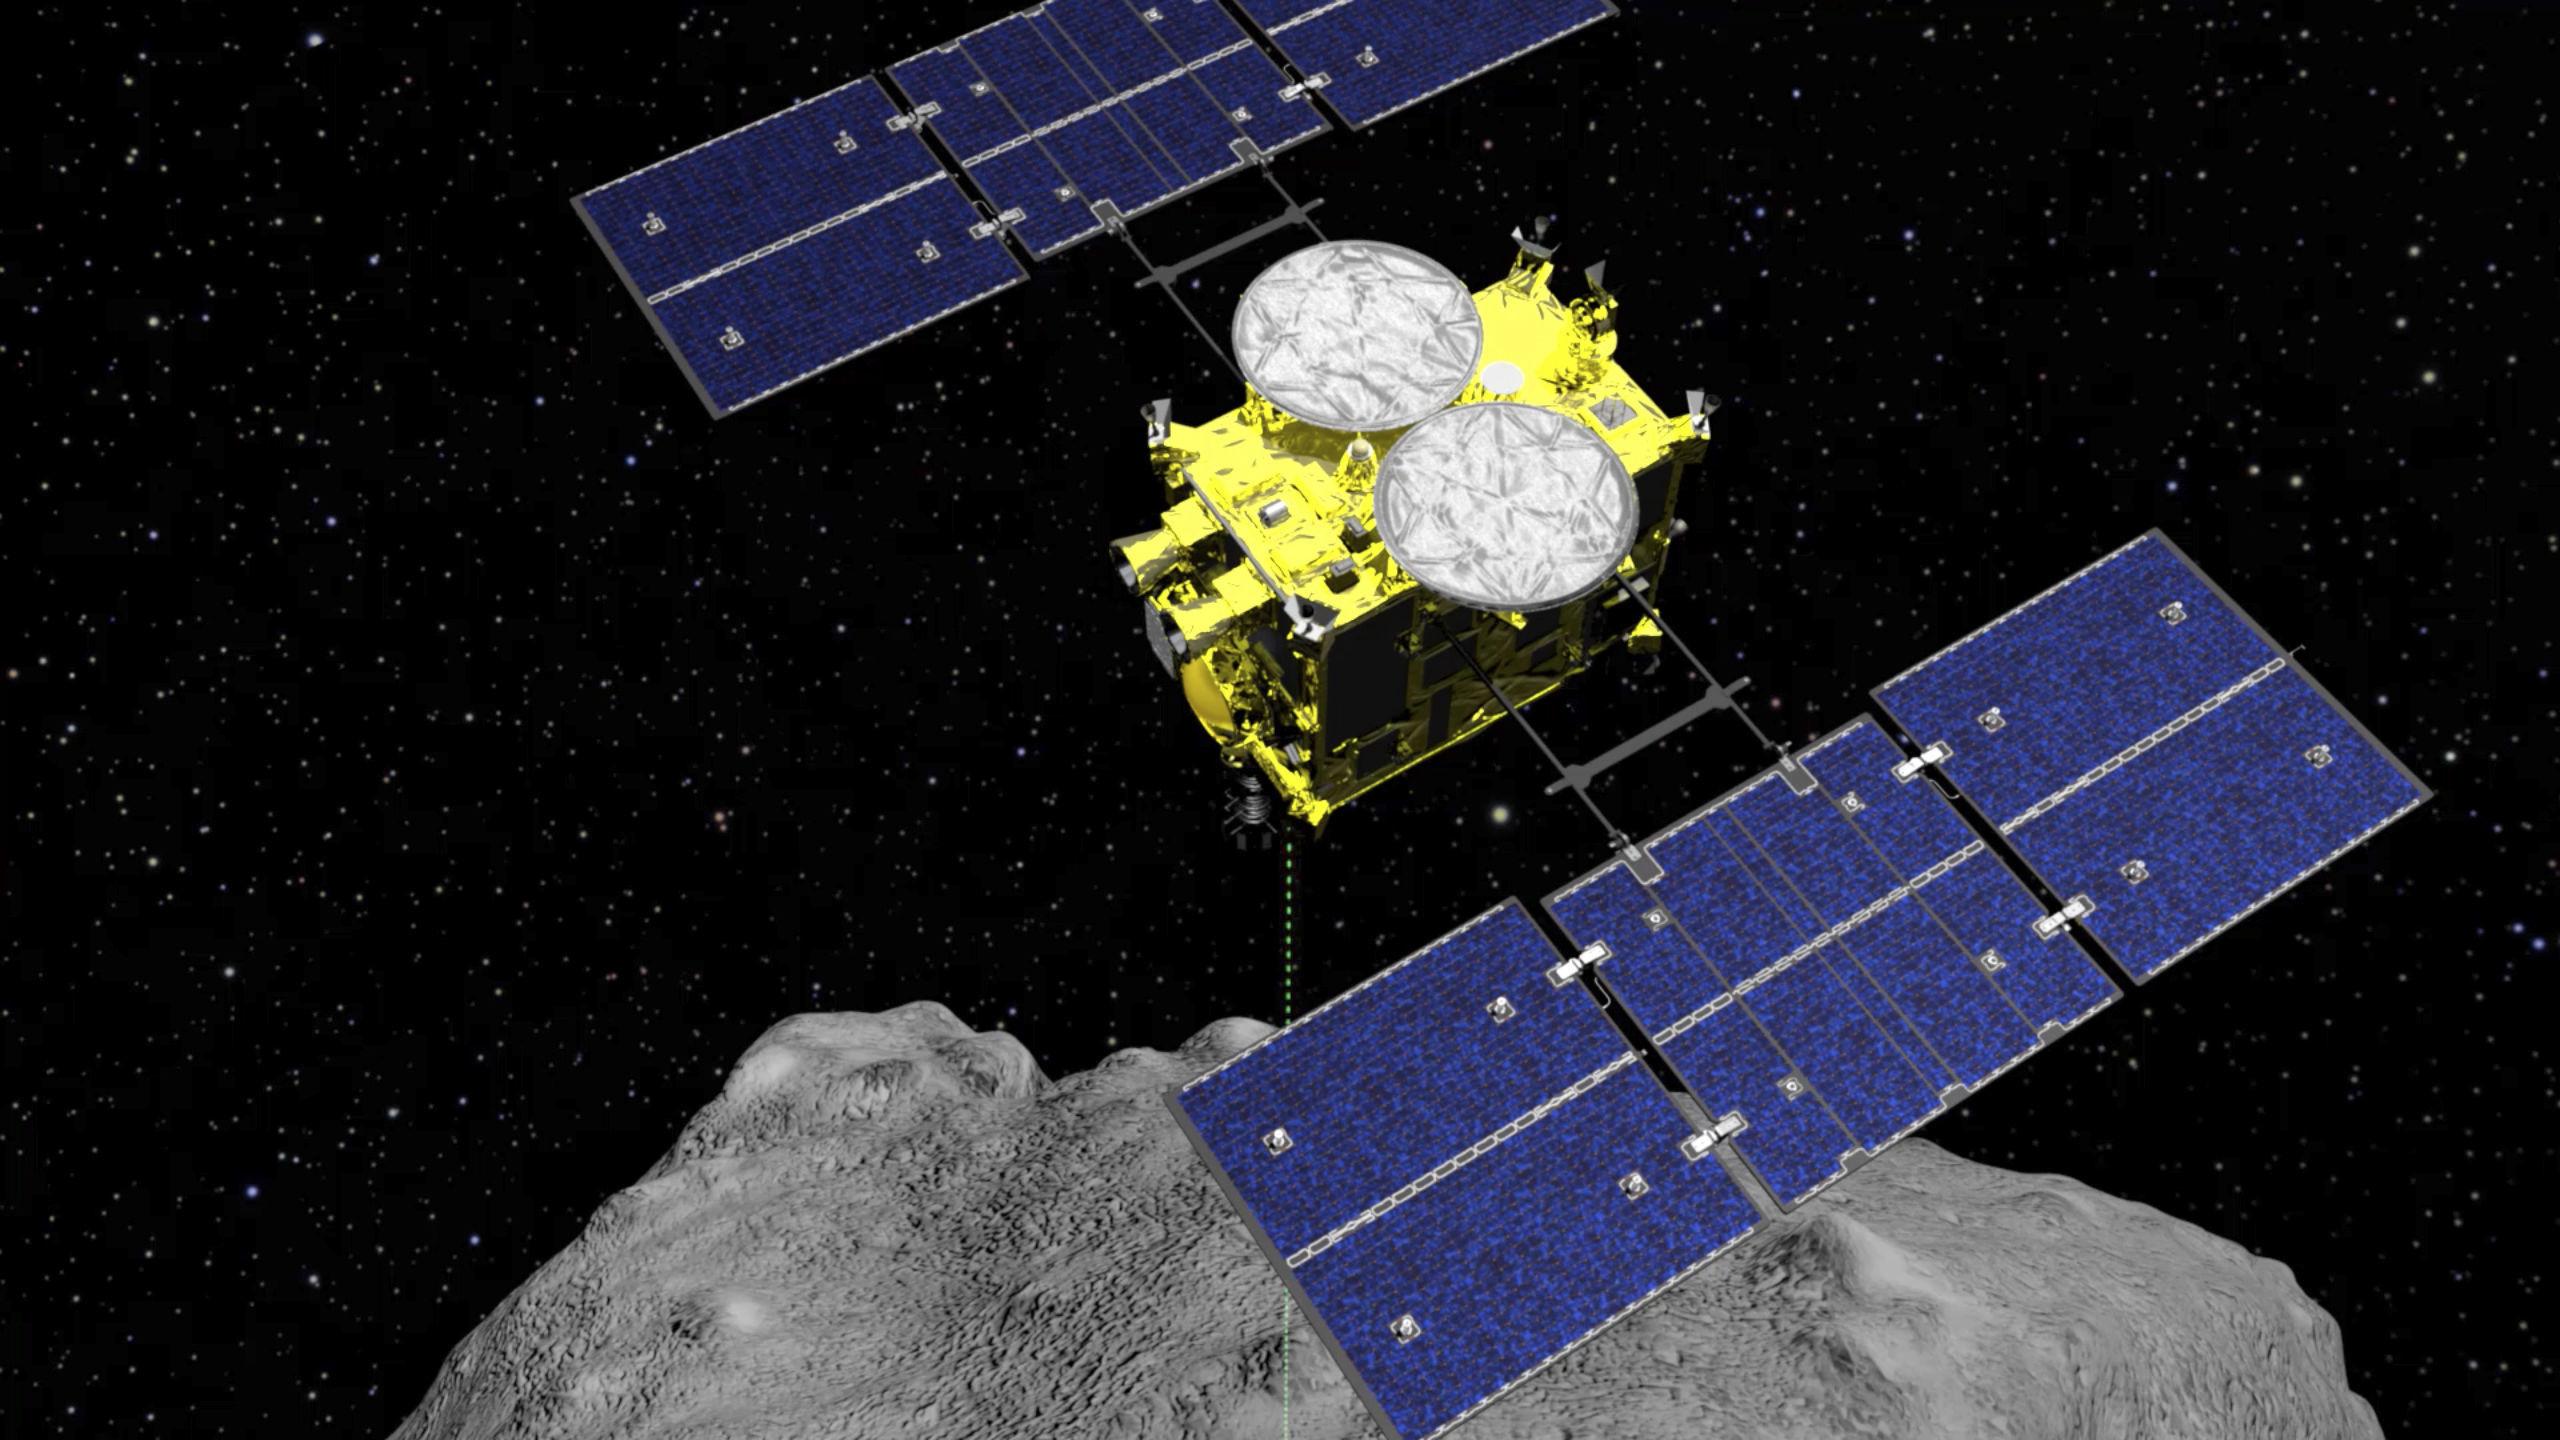 Imagem computadorizada da nave espacial Hayabusa 2 perto do asteroide Ryugu, em 5 de abril de 2019